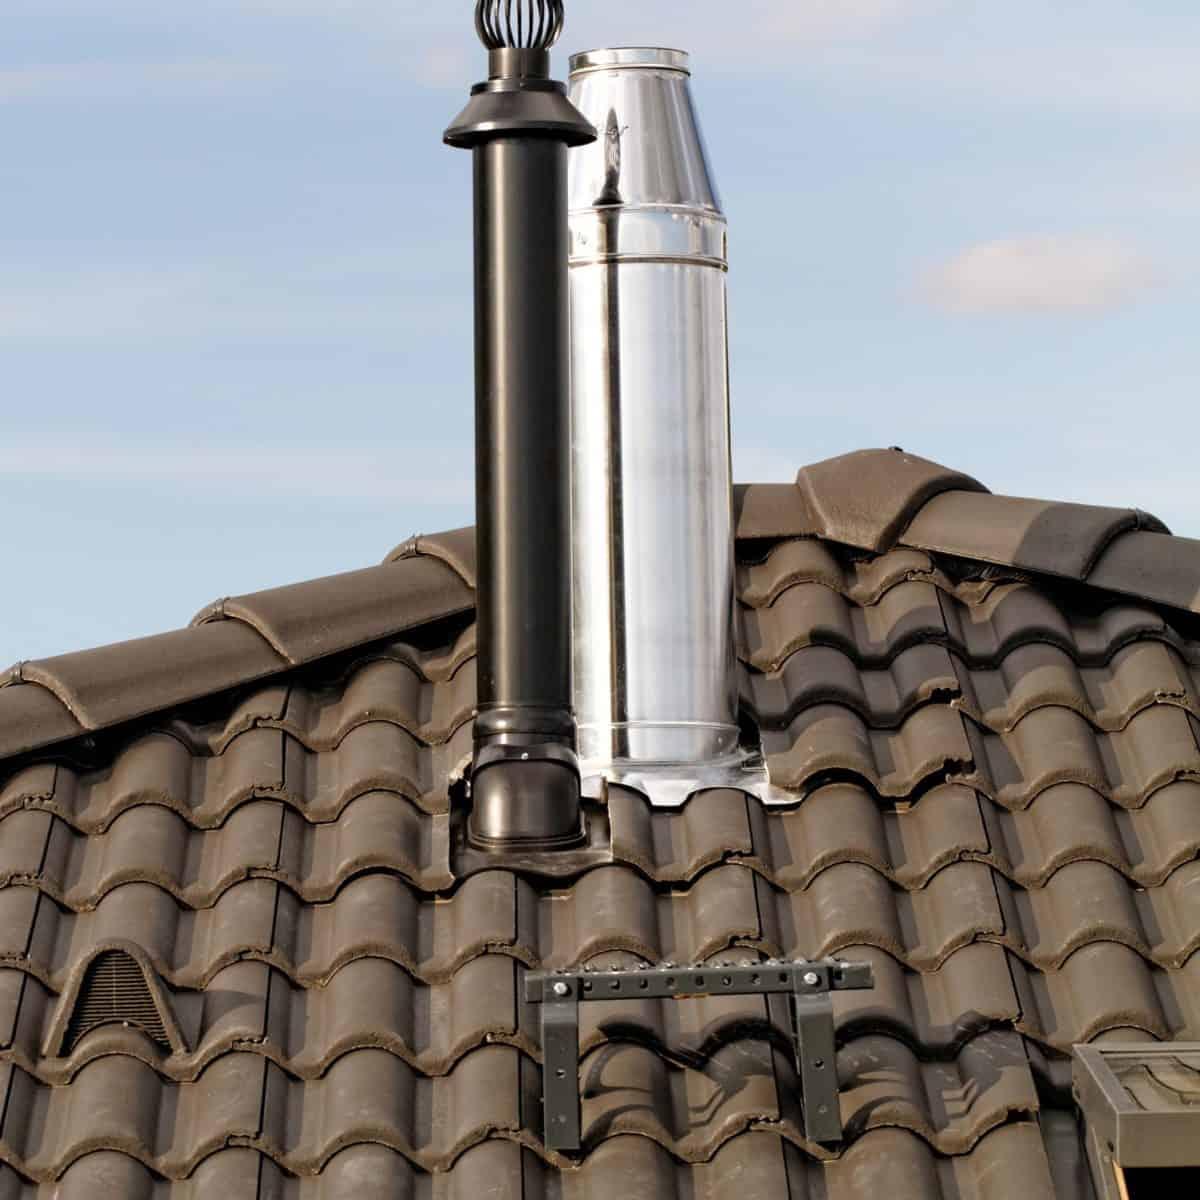 Дымоходы для газовых котлов: нормы и требования к проекту. Современные модели и материалы для дымоходов (135 фото)